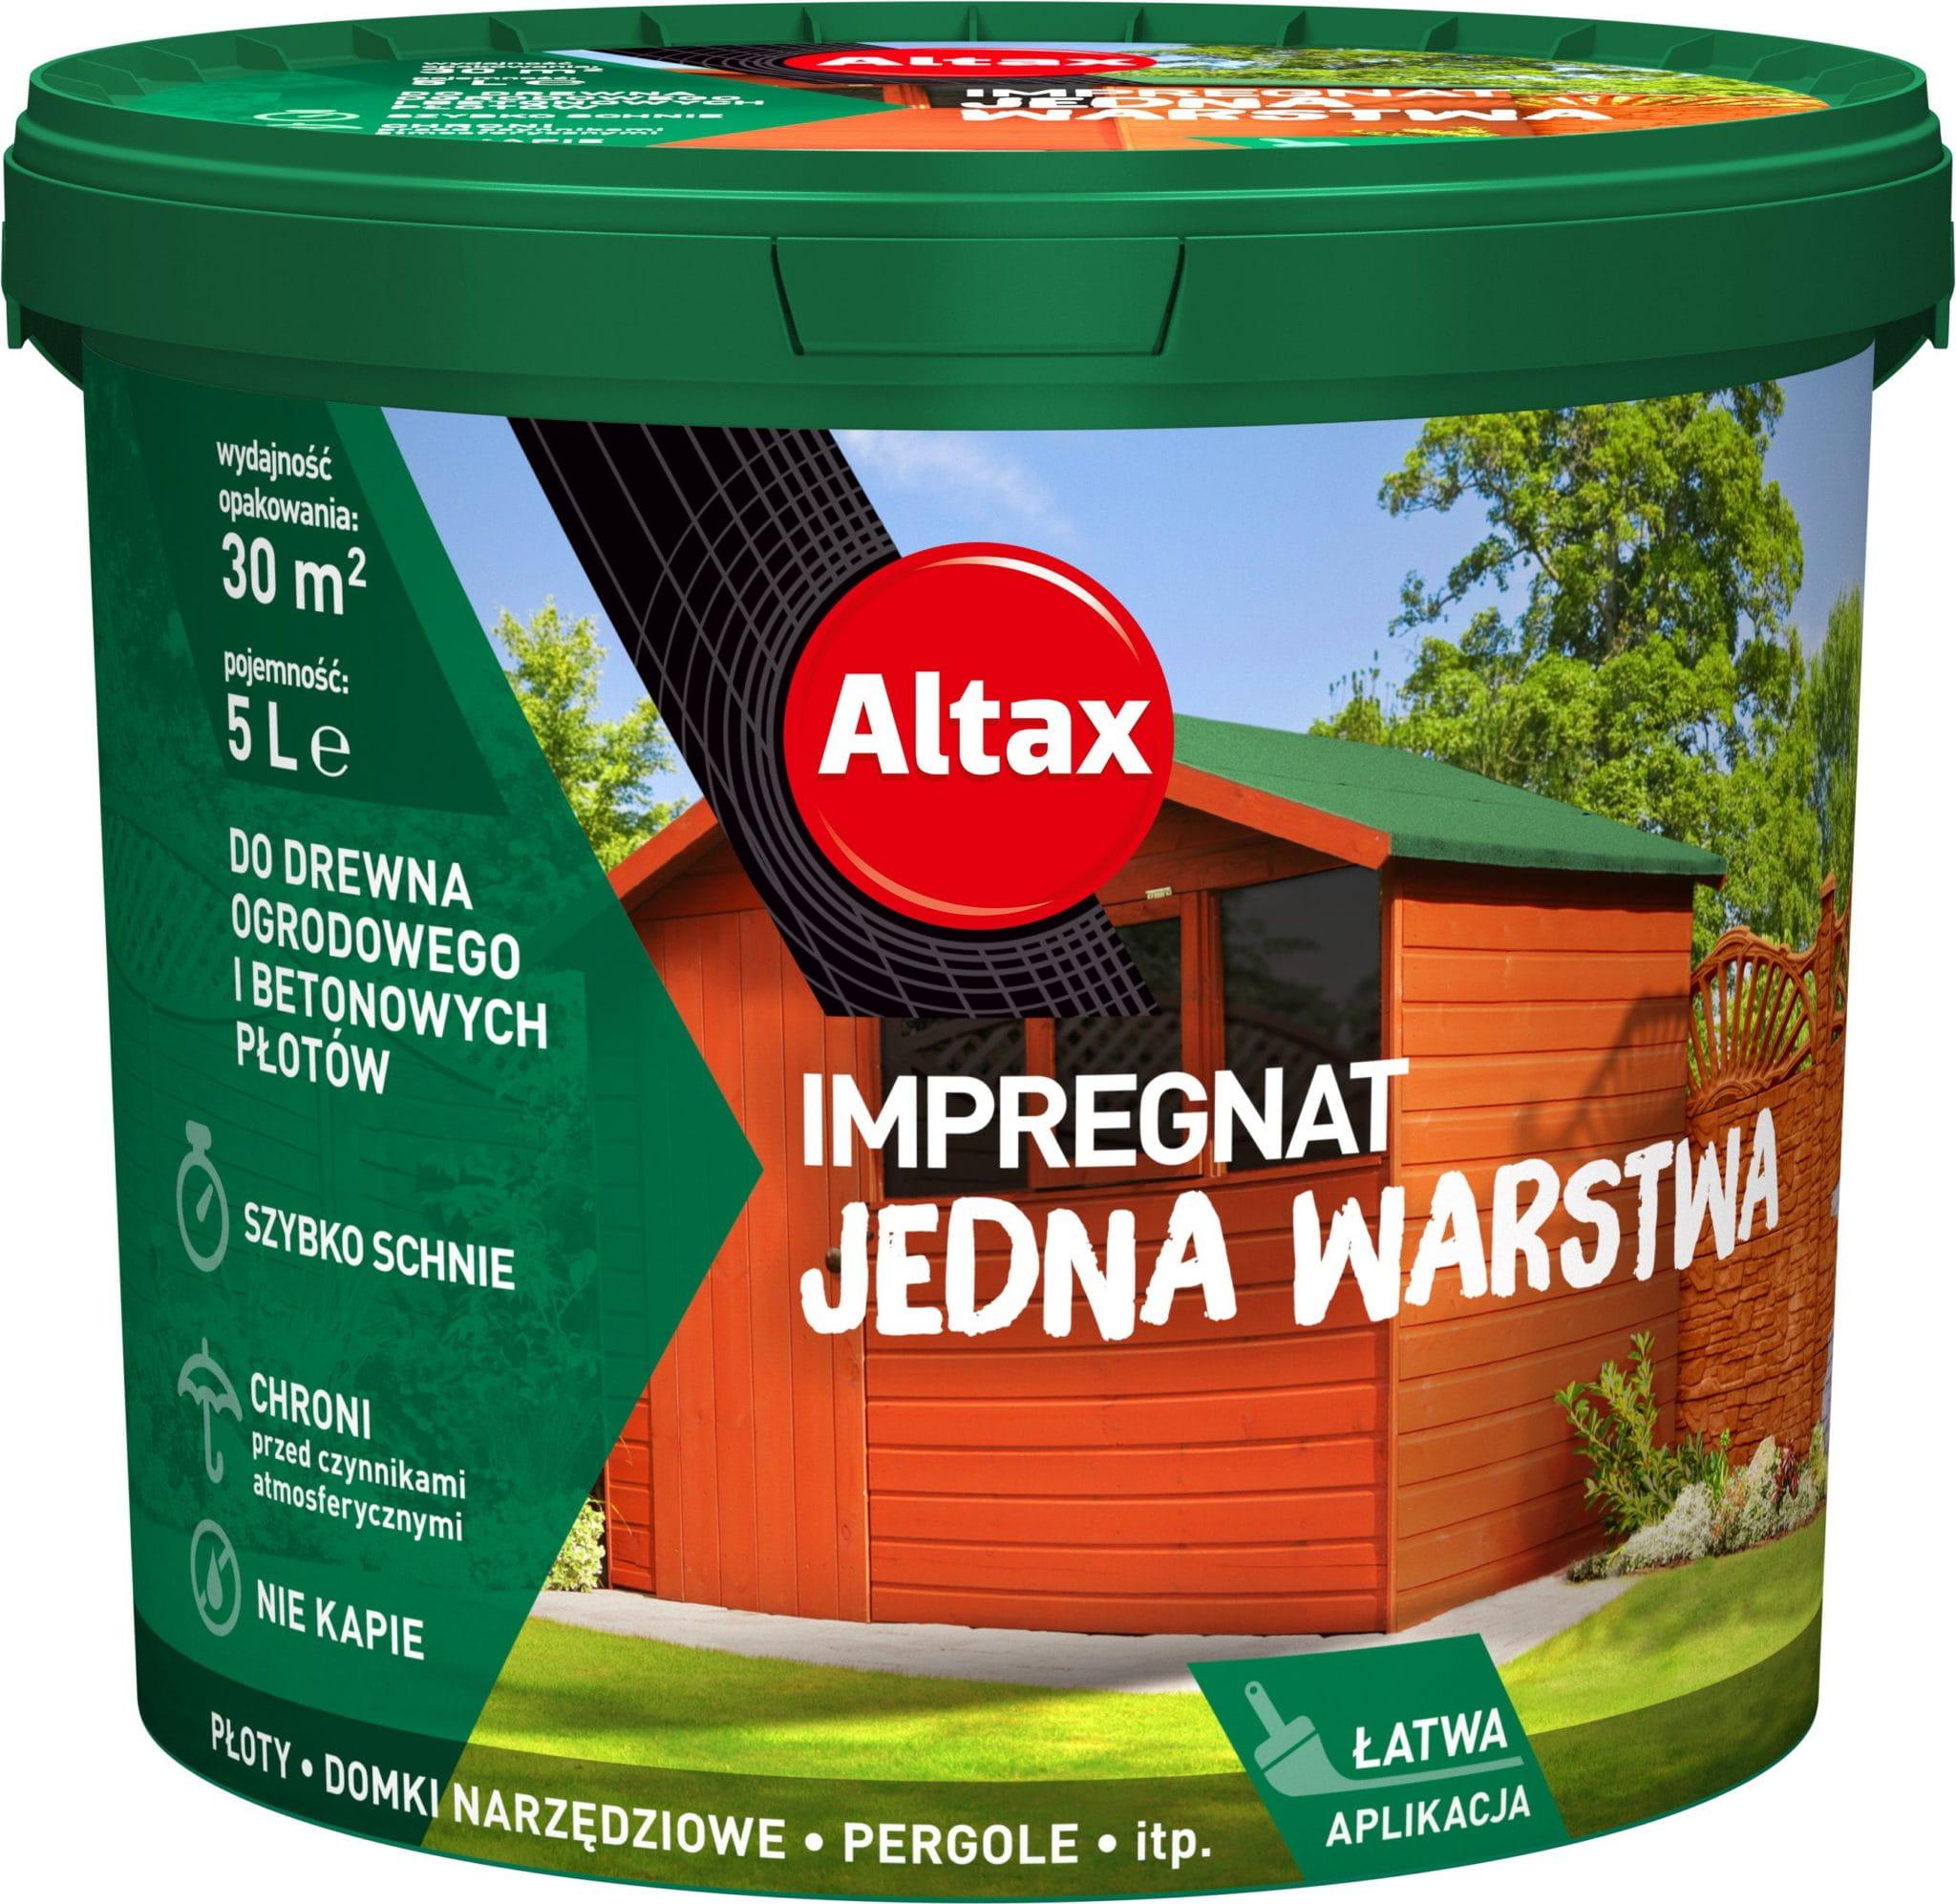 Altax Impregnat Do Drewna Ogrodowego Jedna Warstwa 5L Piaskowiec